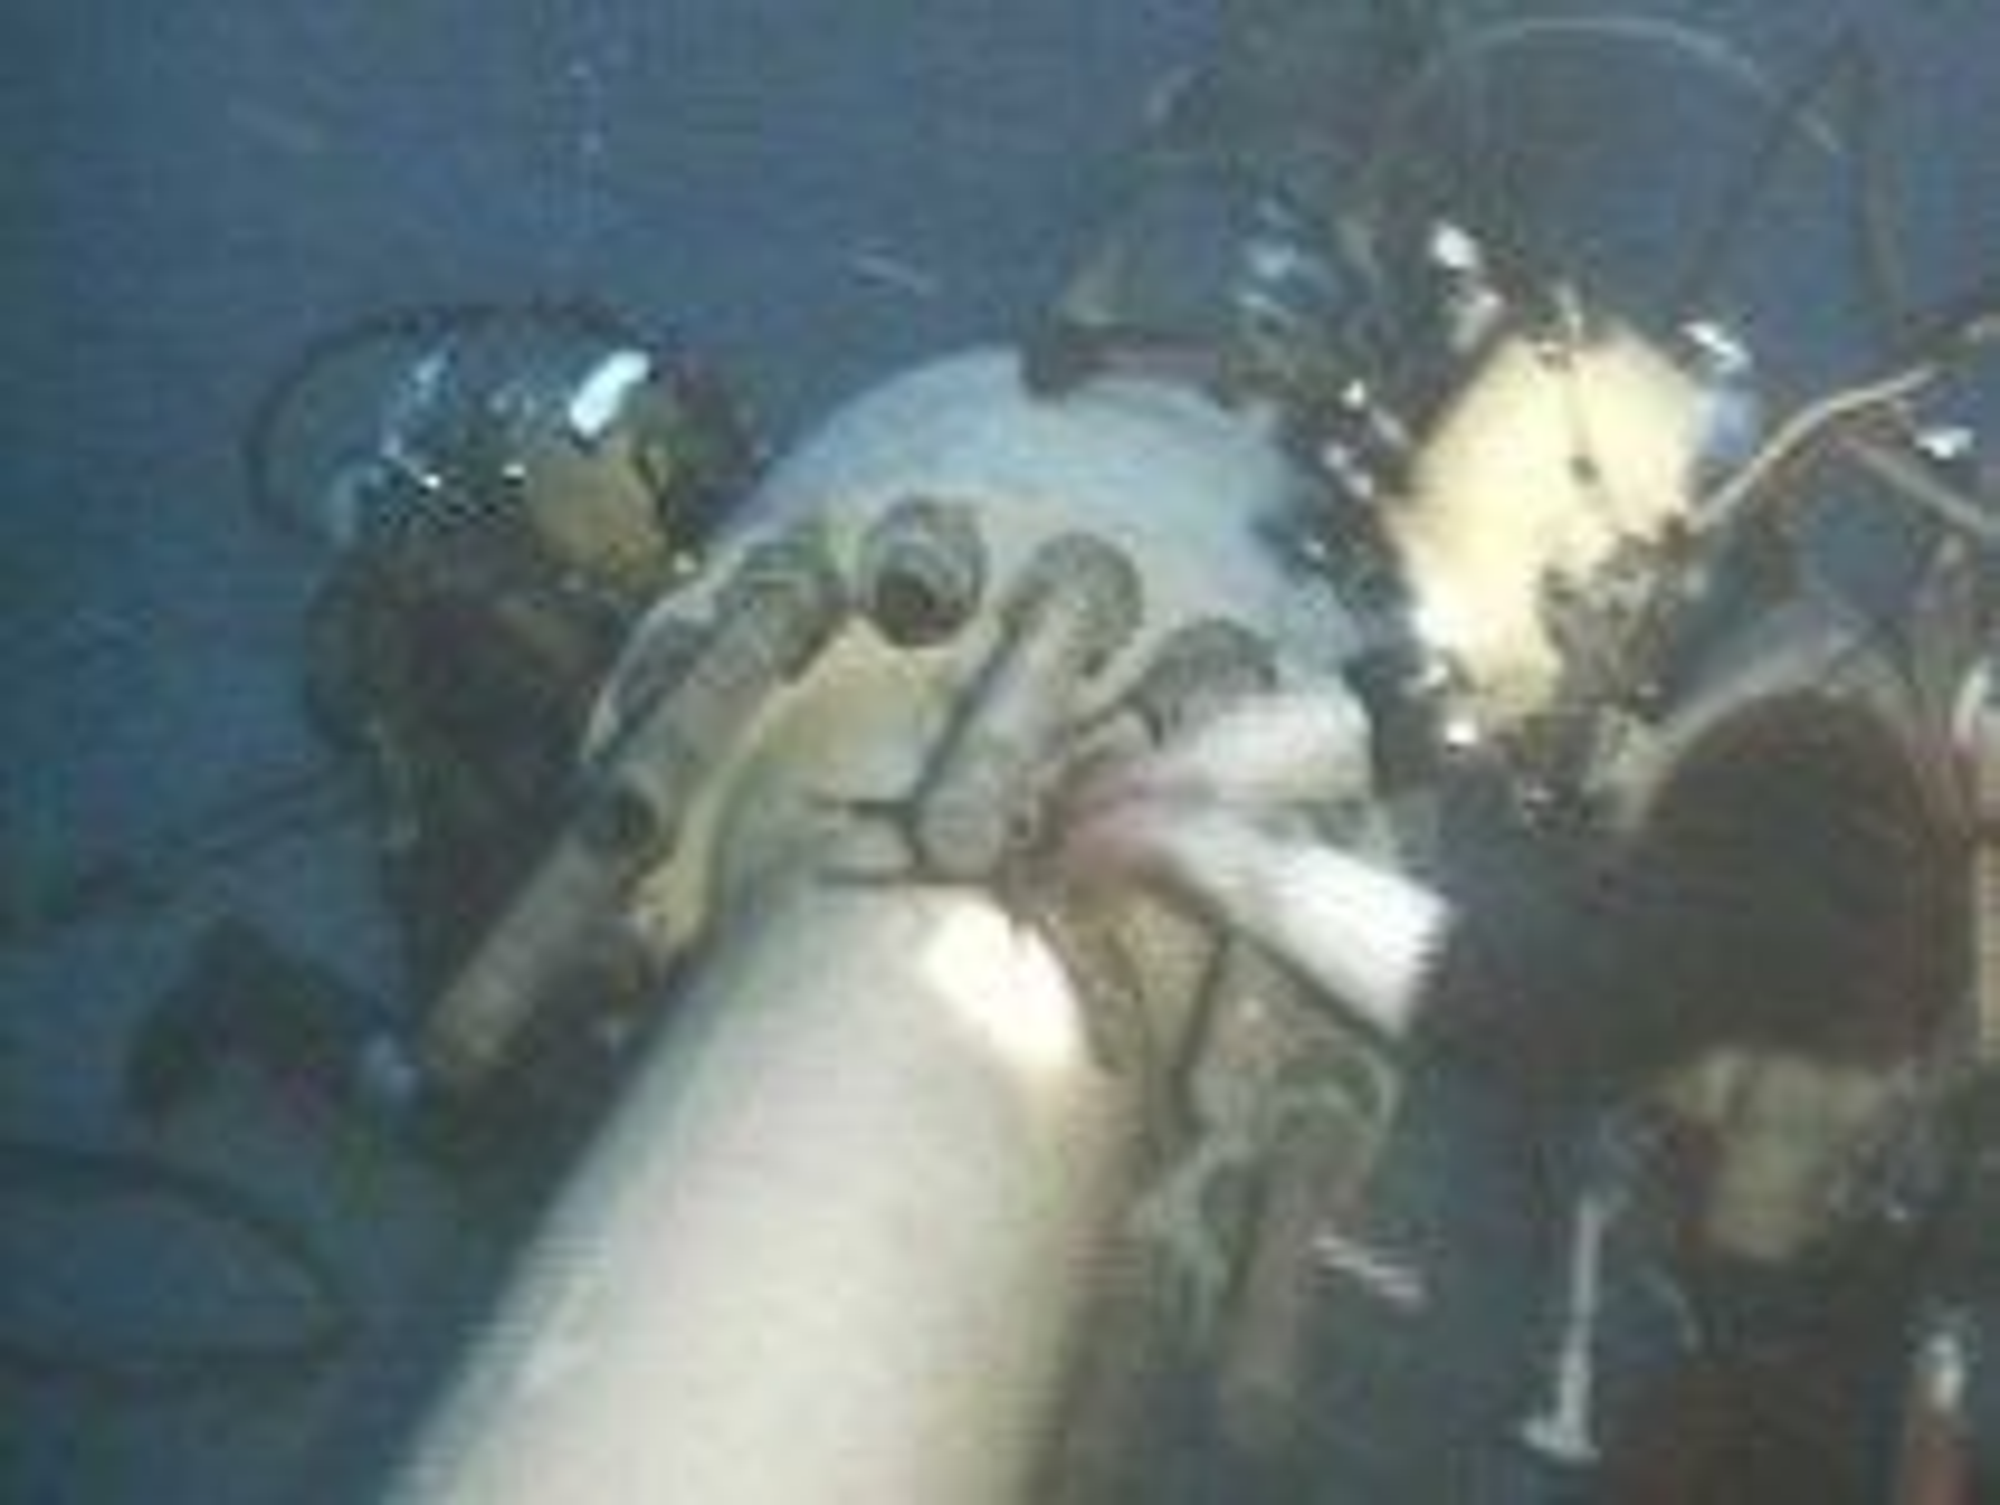 Foto: Nordsjødykkeralliansen Dykking dypdykk i Nordsjøen oljearbeid rørledning havbunn